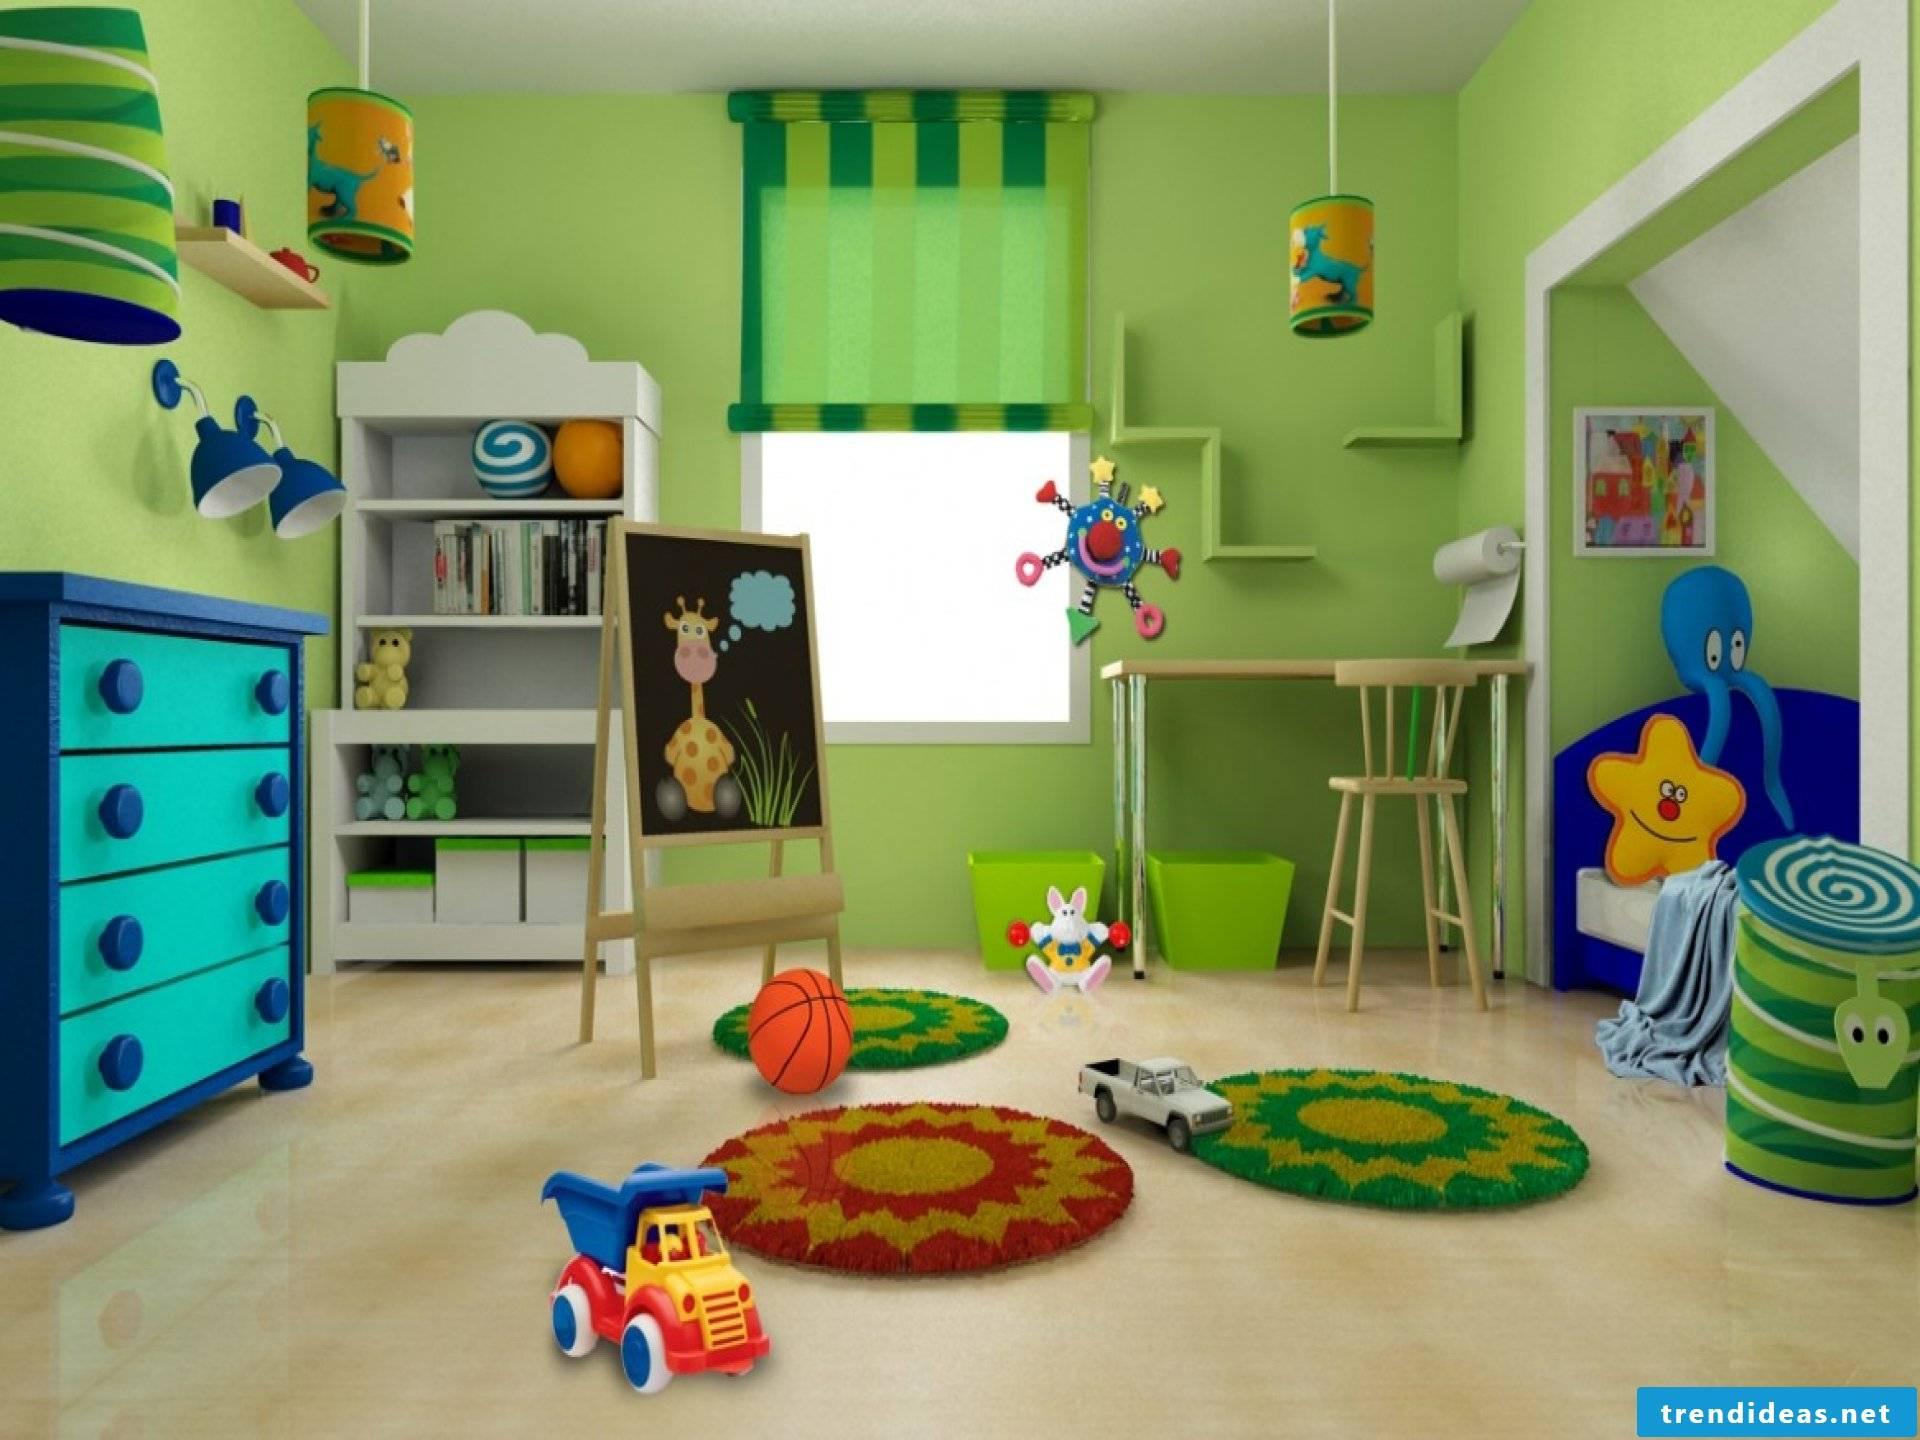 Nursery design- The green children's kingdom